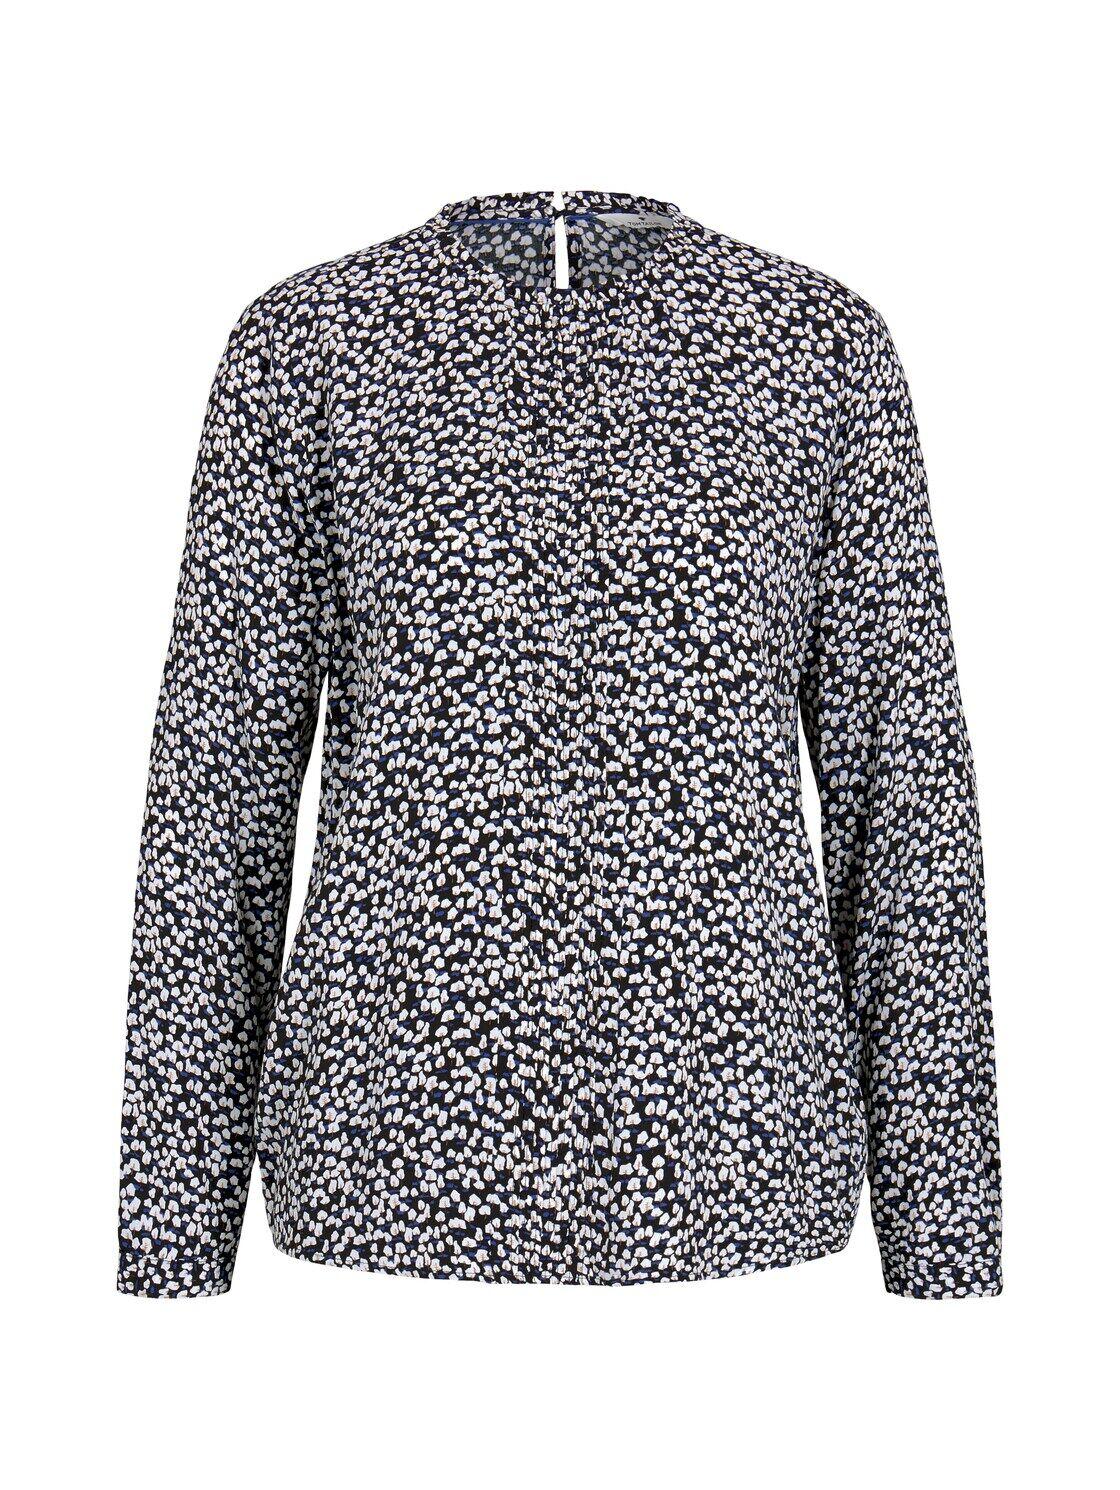 TOM TAILOR Damen Gemusterte Bluse mit Faltendetails, schwarz, Gr.44